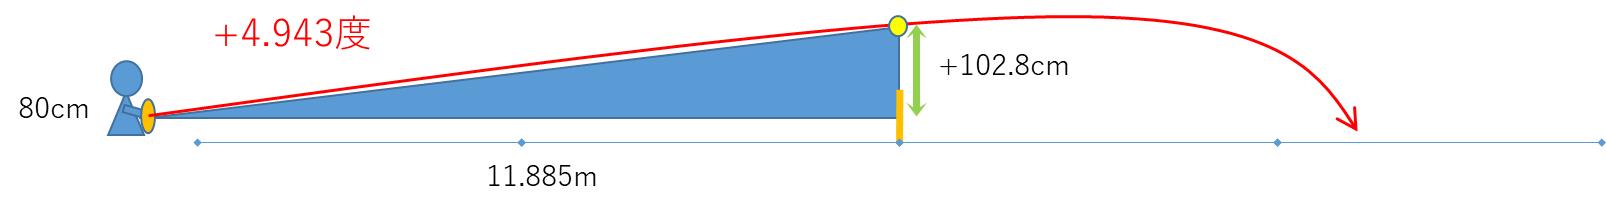 テニス ストロークの打ちだし角度とネットを通過する高さ